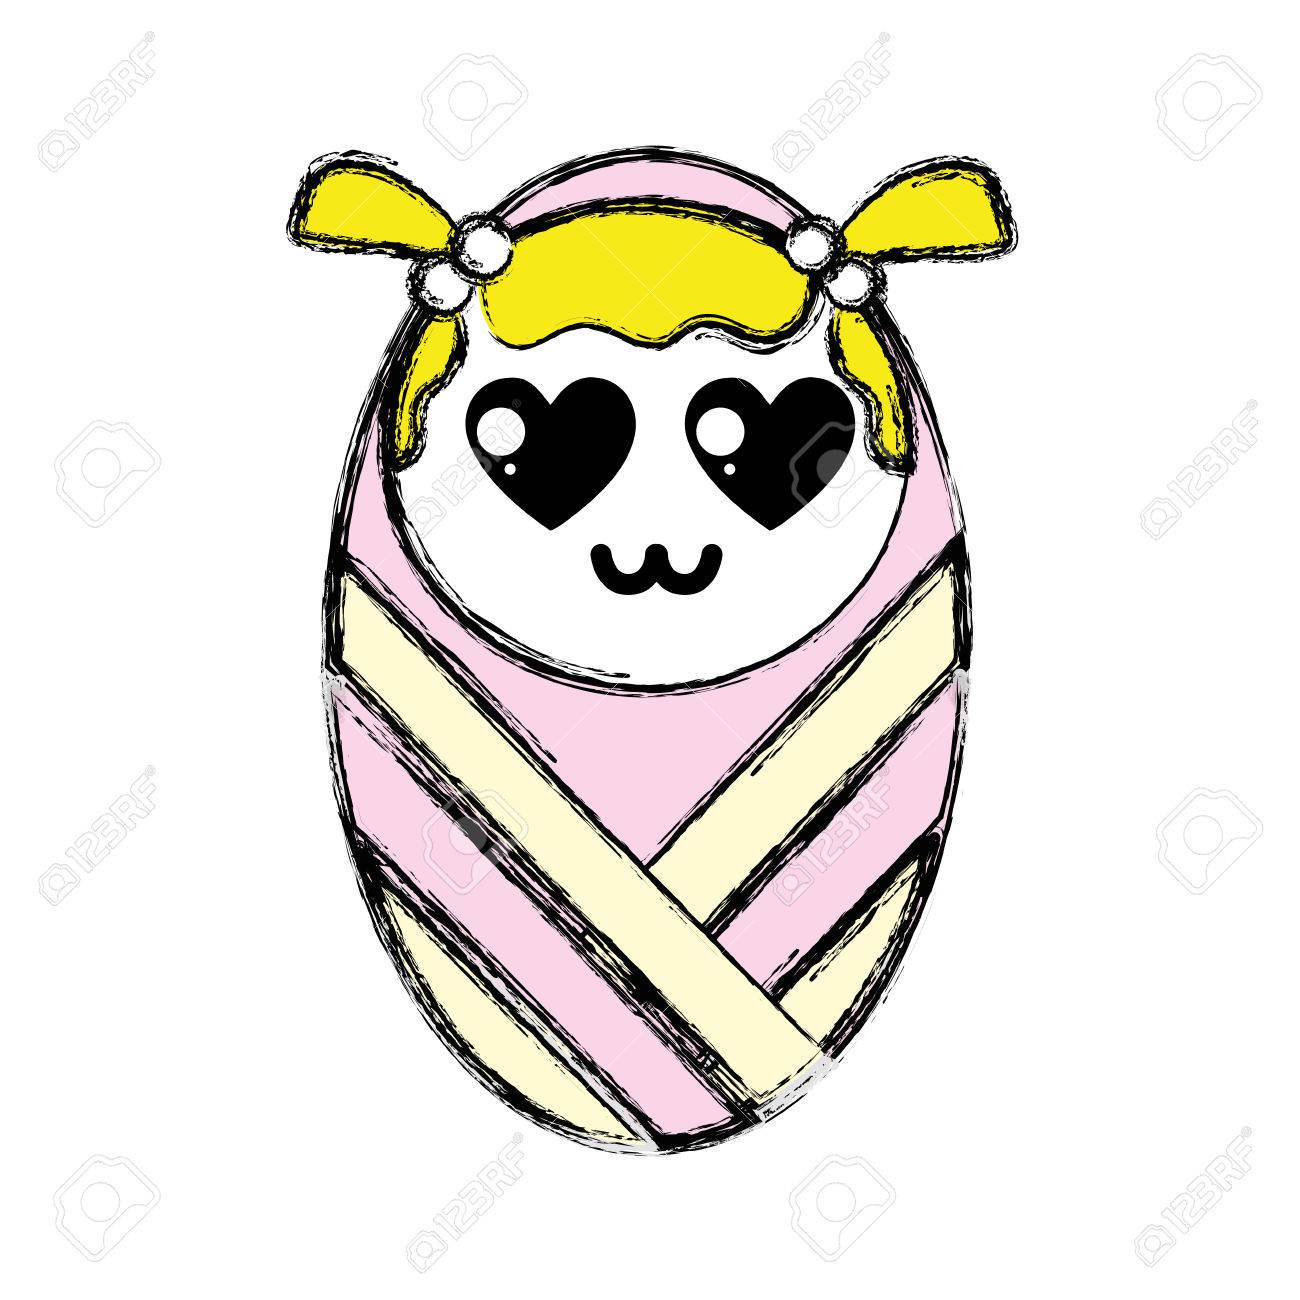 毛布に包まれた髪型でかわいい女の子の漫画イラストのイラスト素材